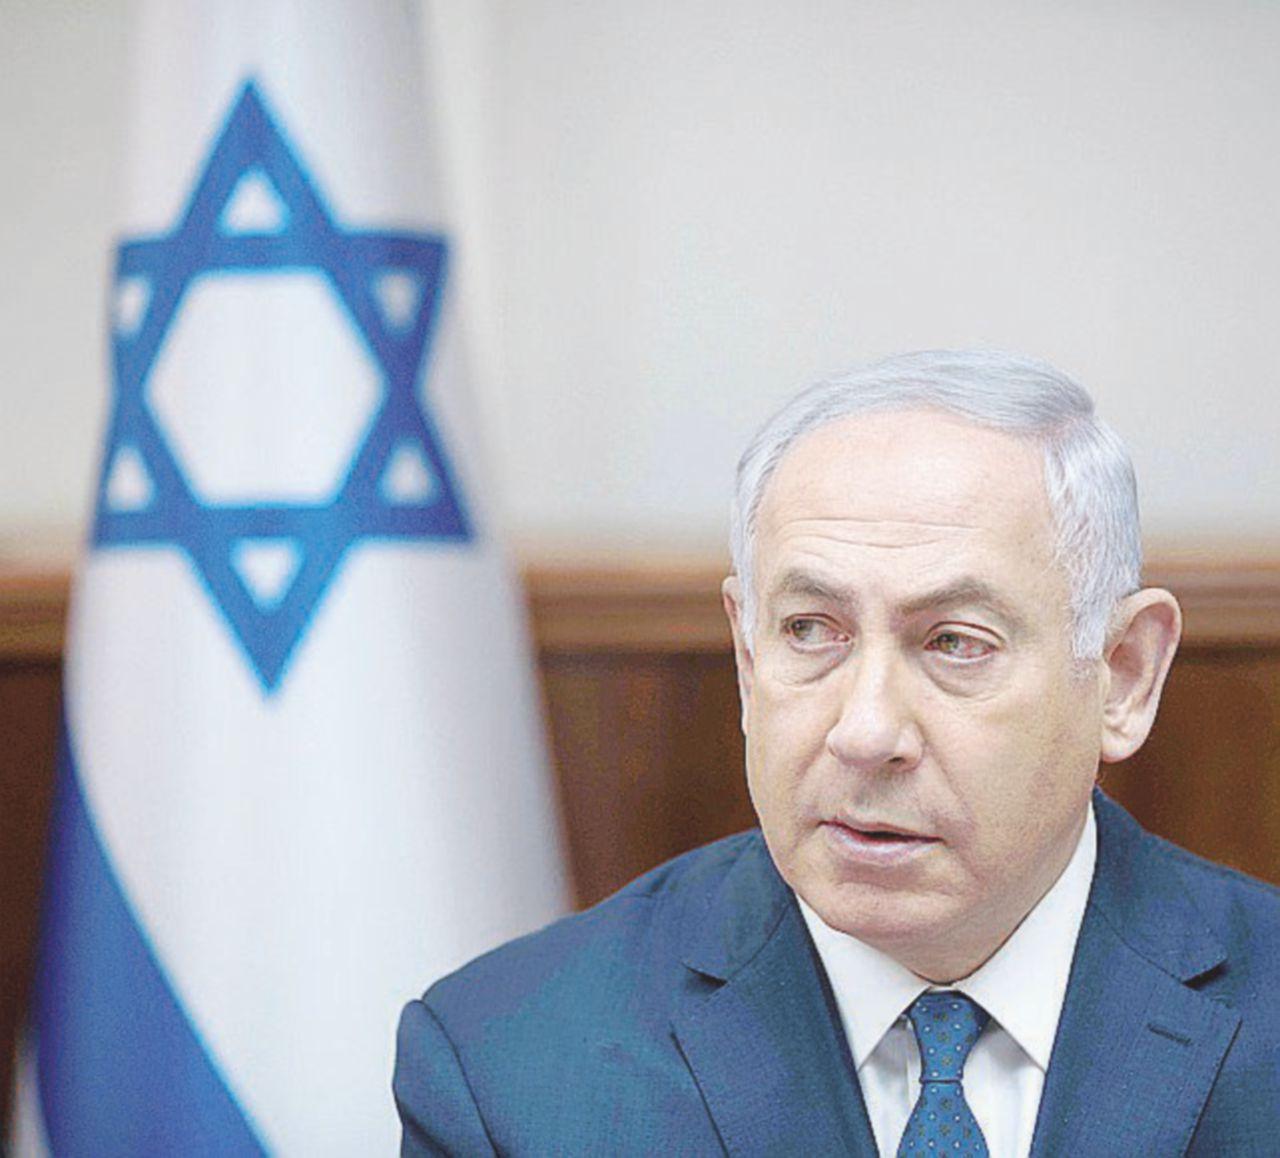 Ari Harow, l'amico che toglie il sonno a Bibi